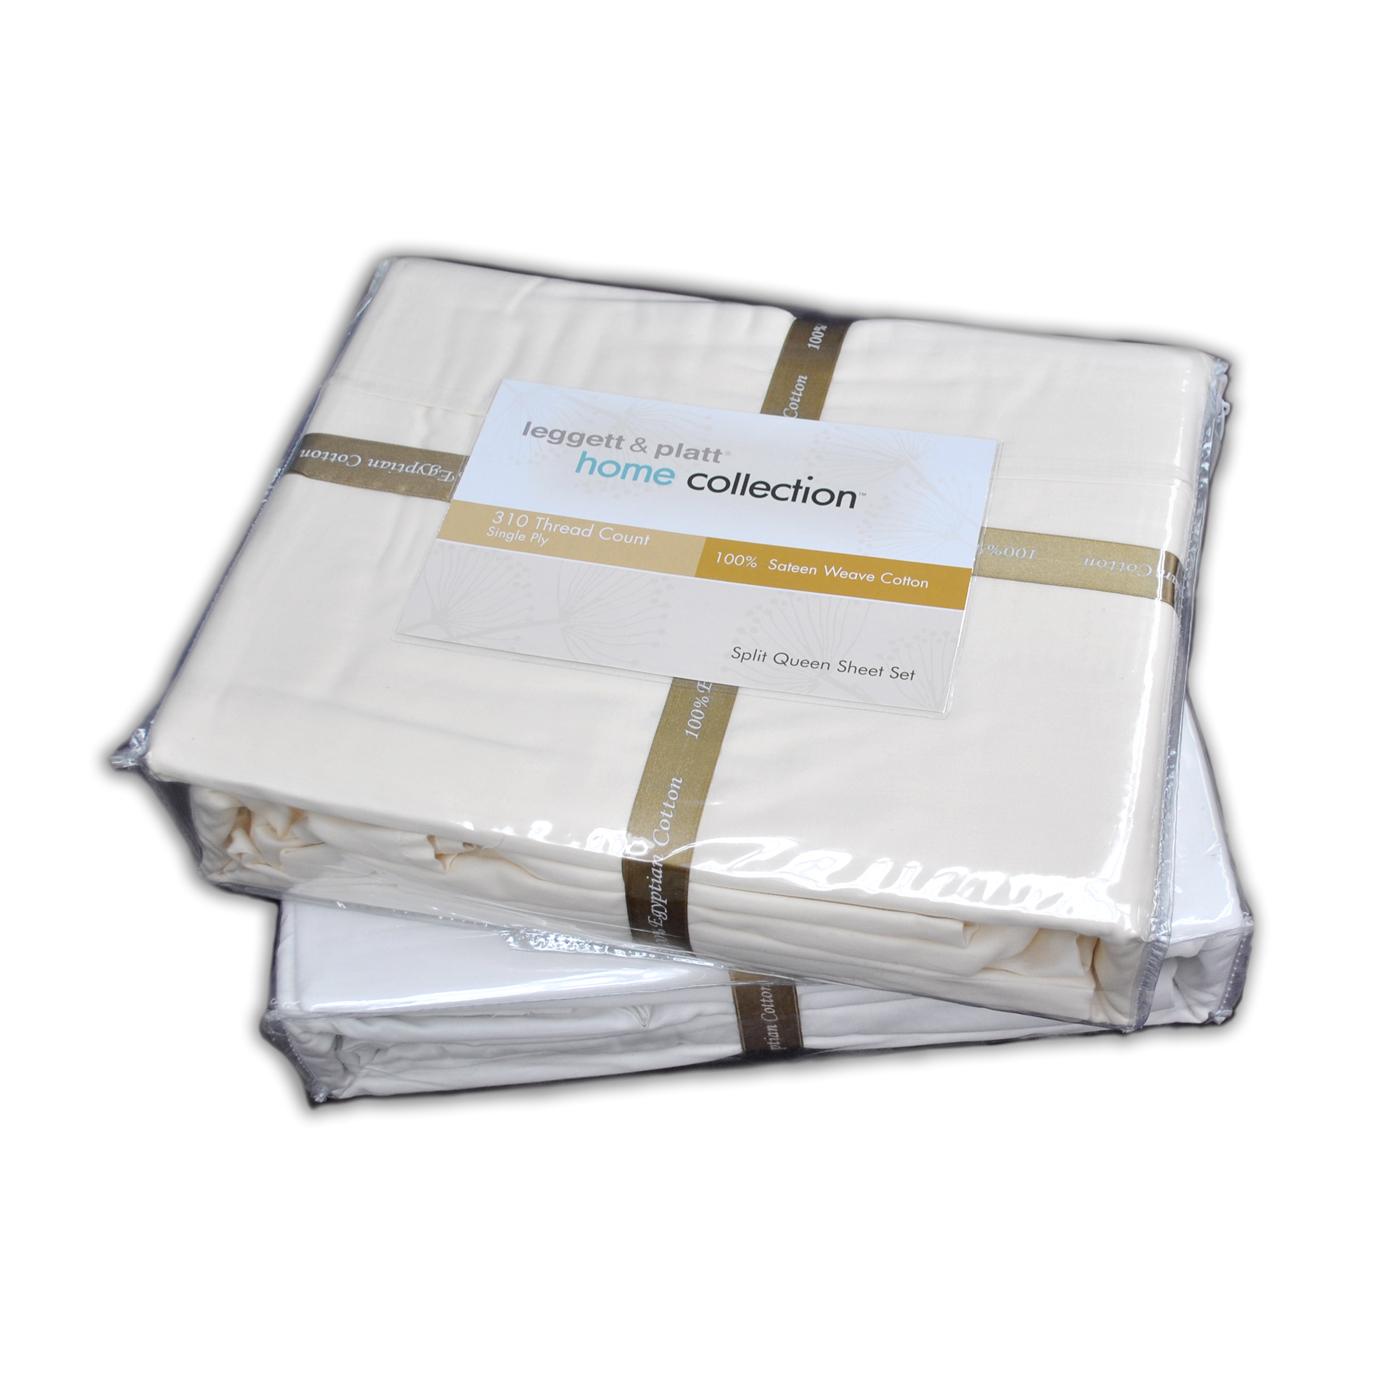 Adjustable Bed Sheets Are Adjustablebed Bedding Hospital